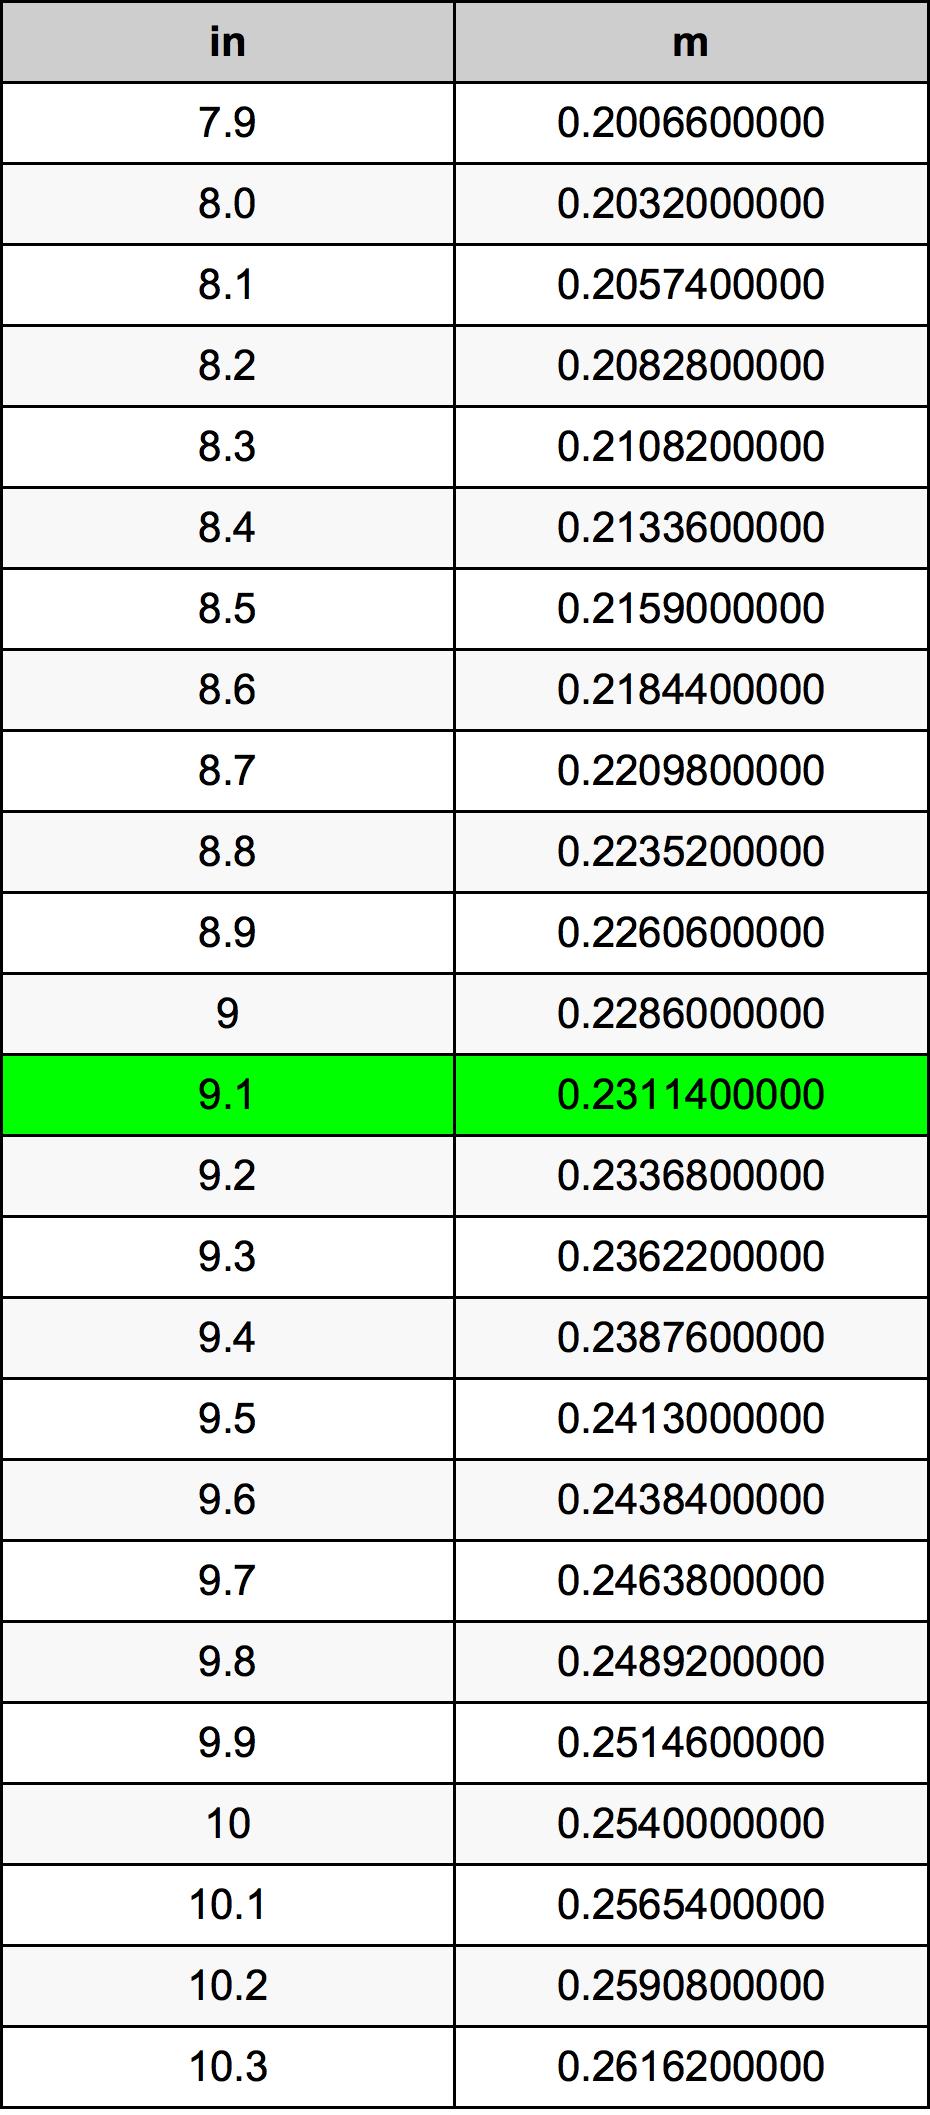 9.1 Țol tabelul de conversie